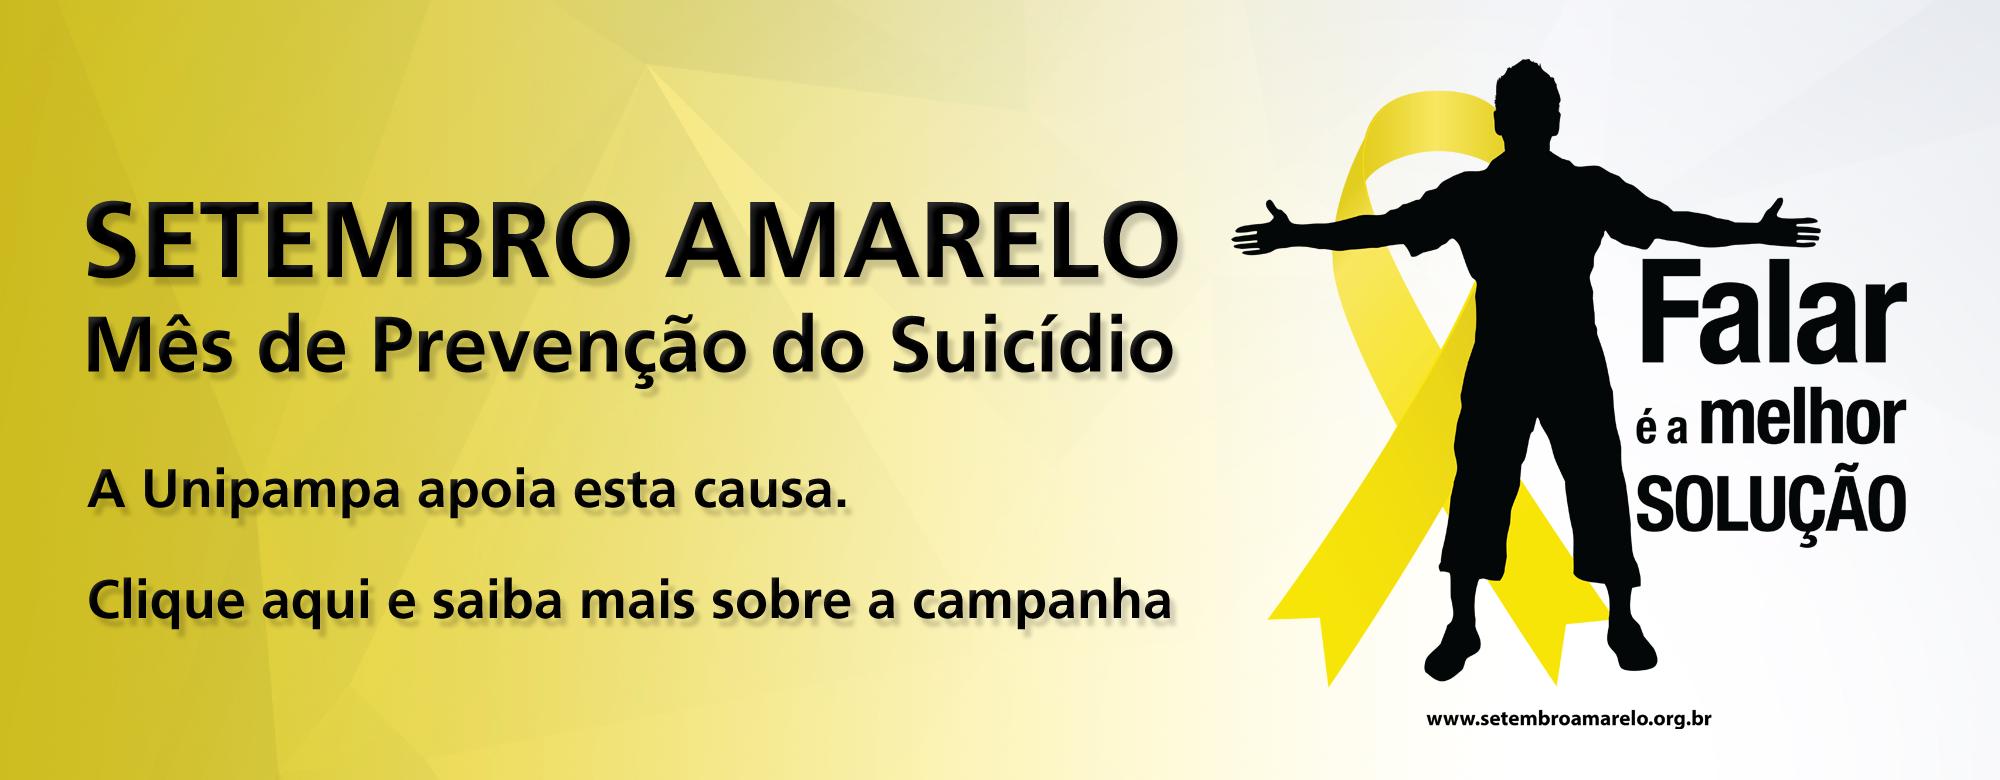 Setembro Amarelo. Mês de Prevenção ao Suicídio. A Unipampa apoia esta causa.